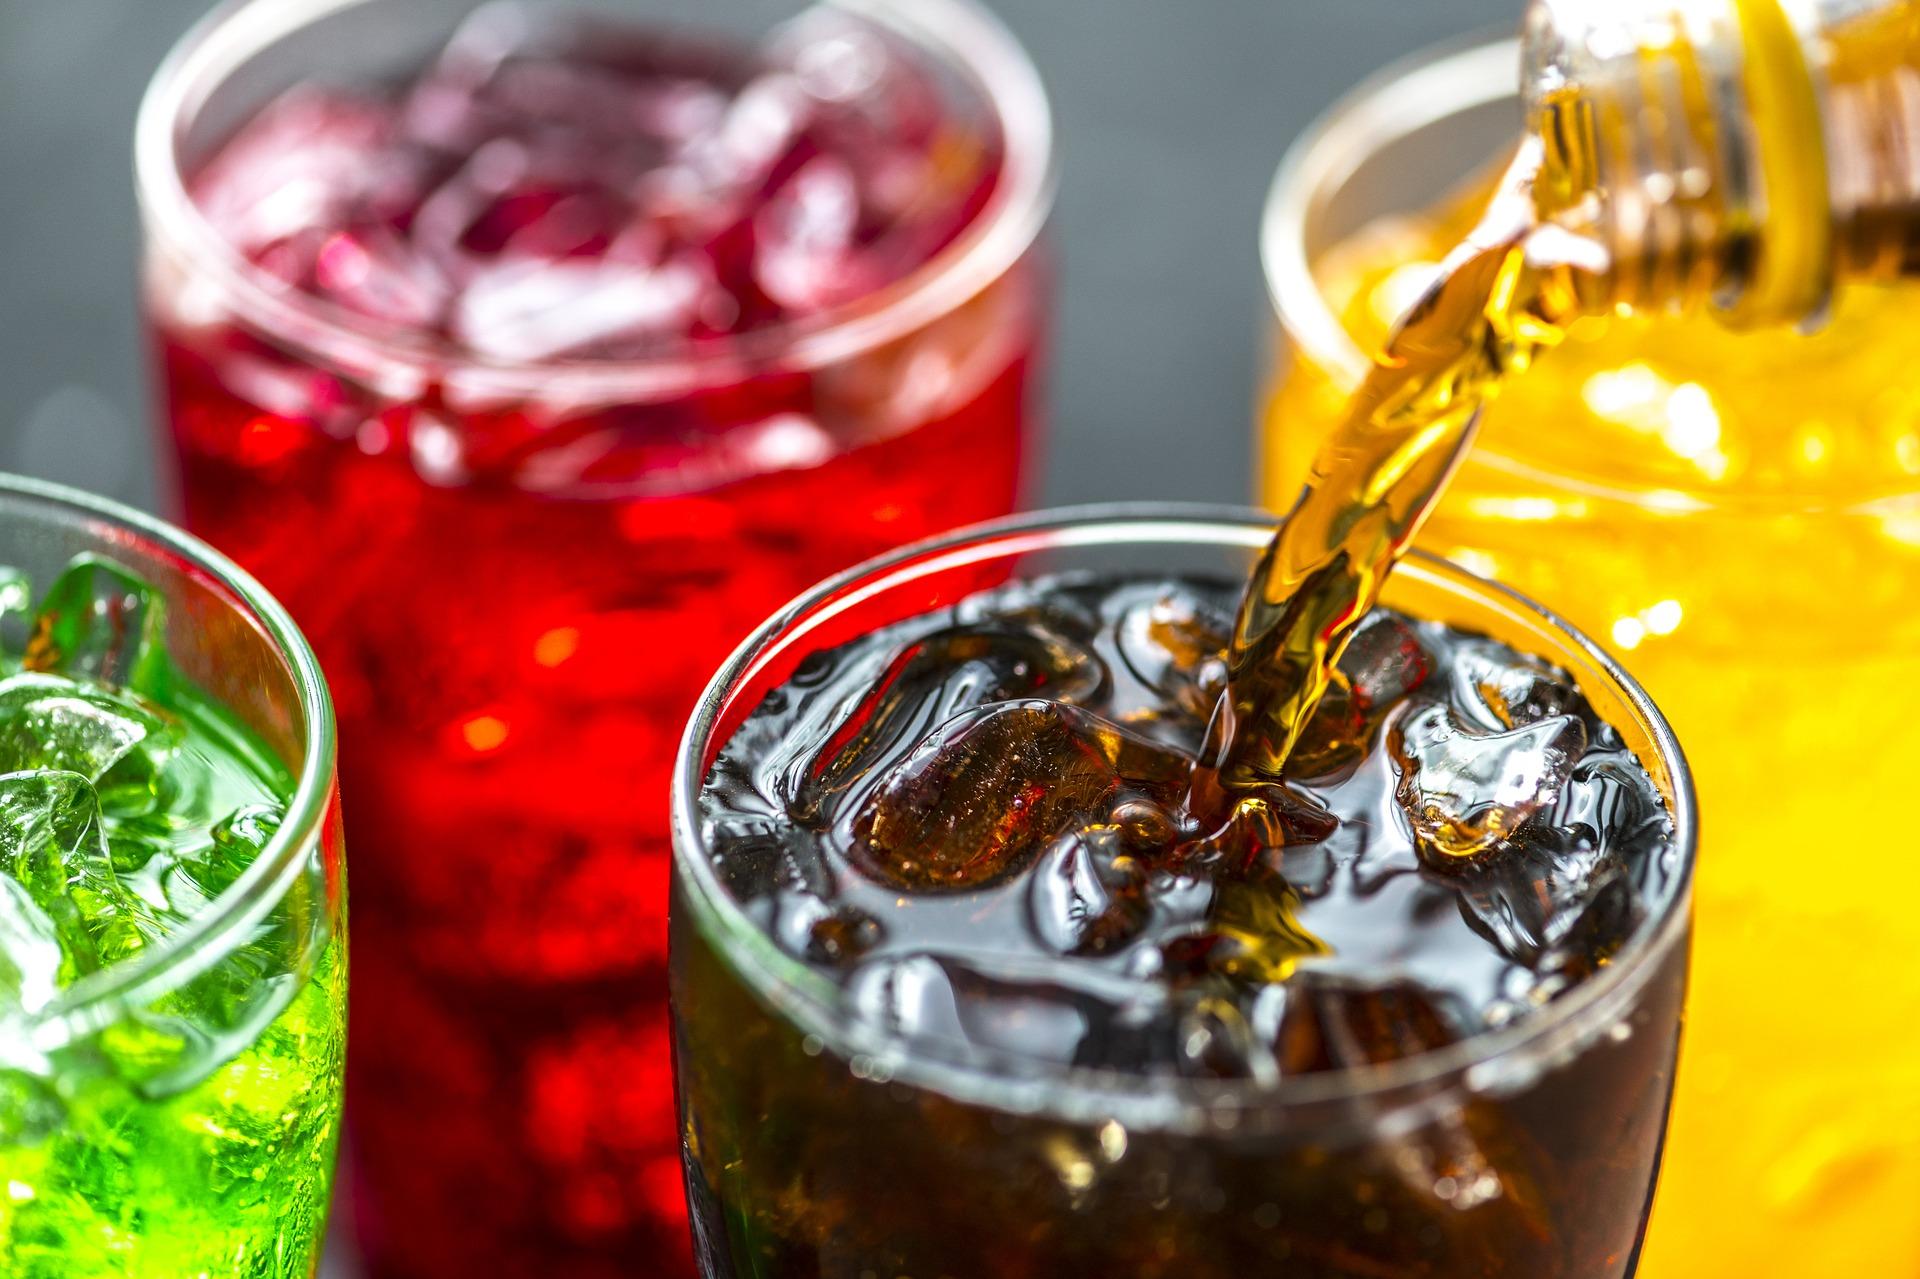 refrescos bebida carbonatada azucar